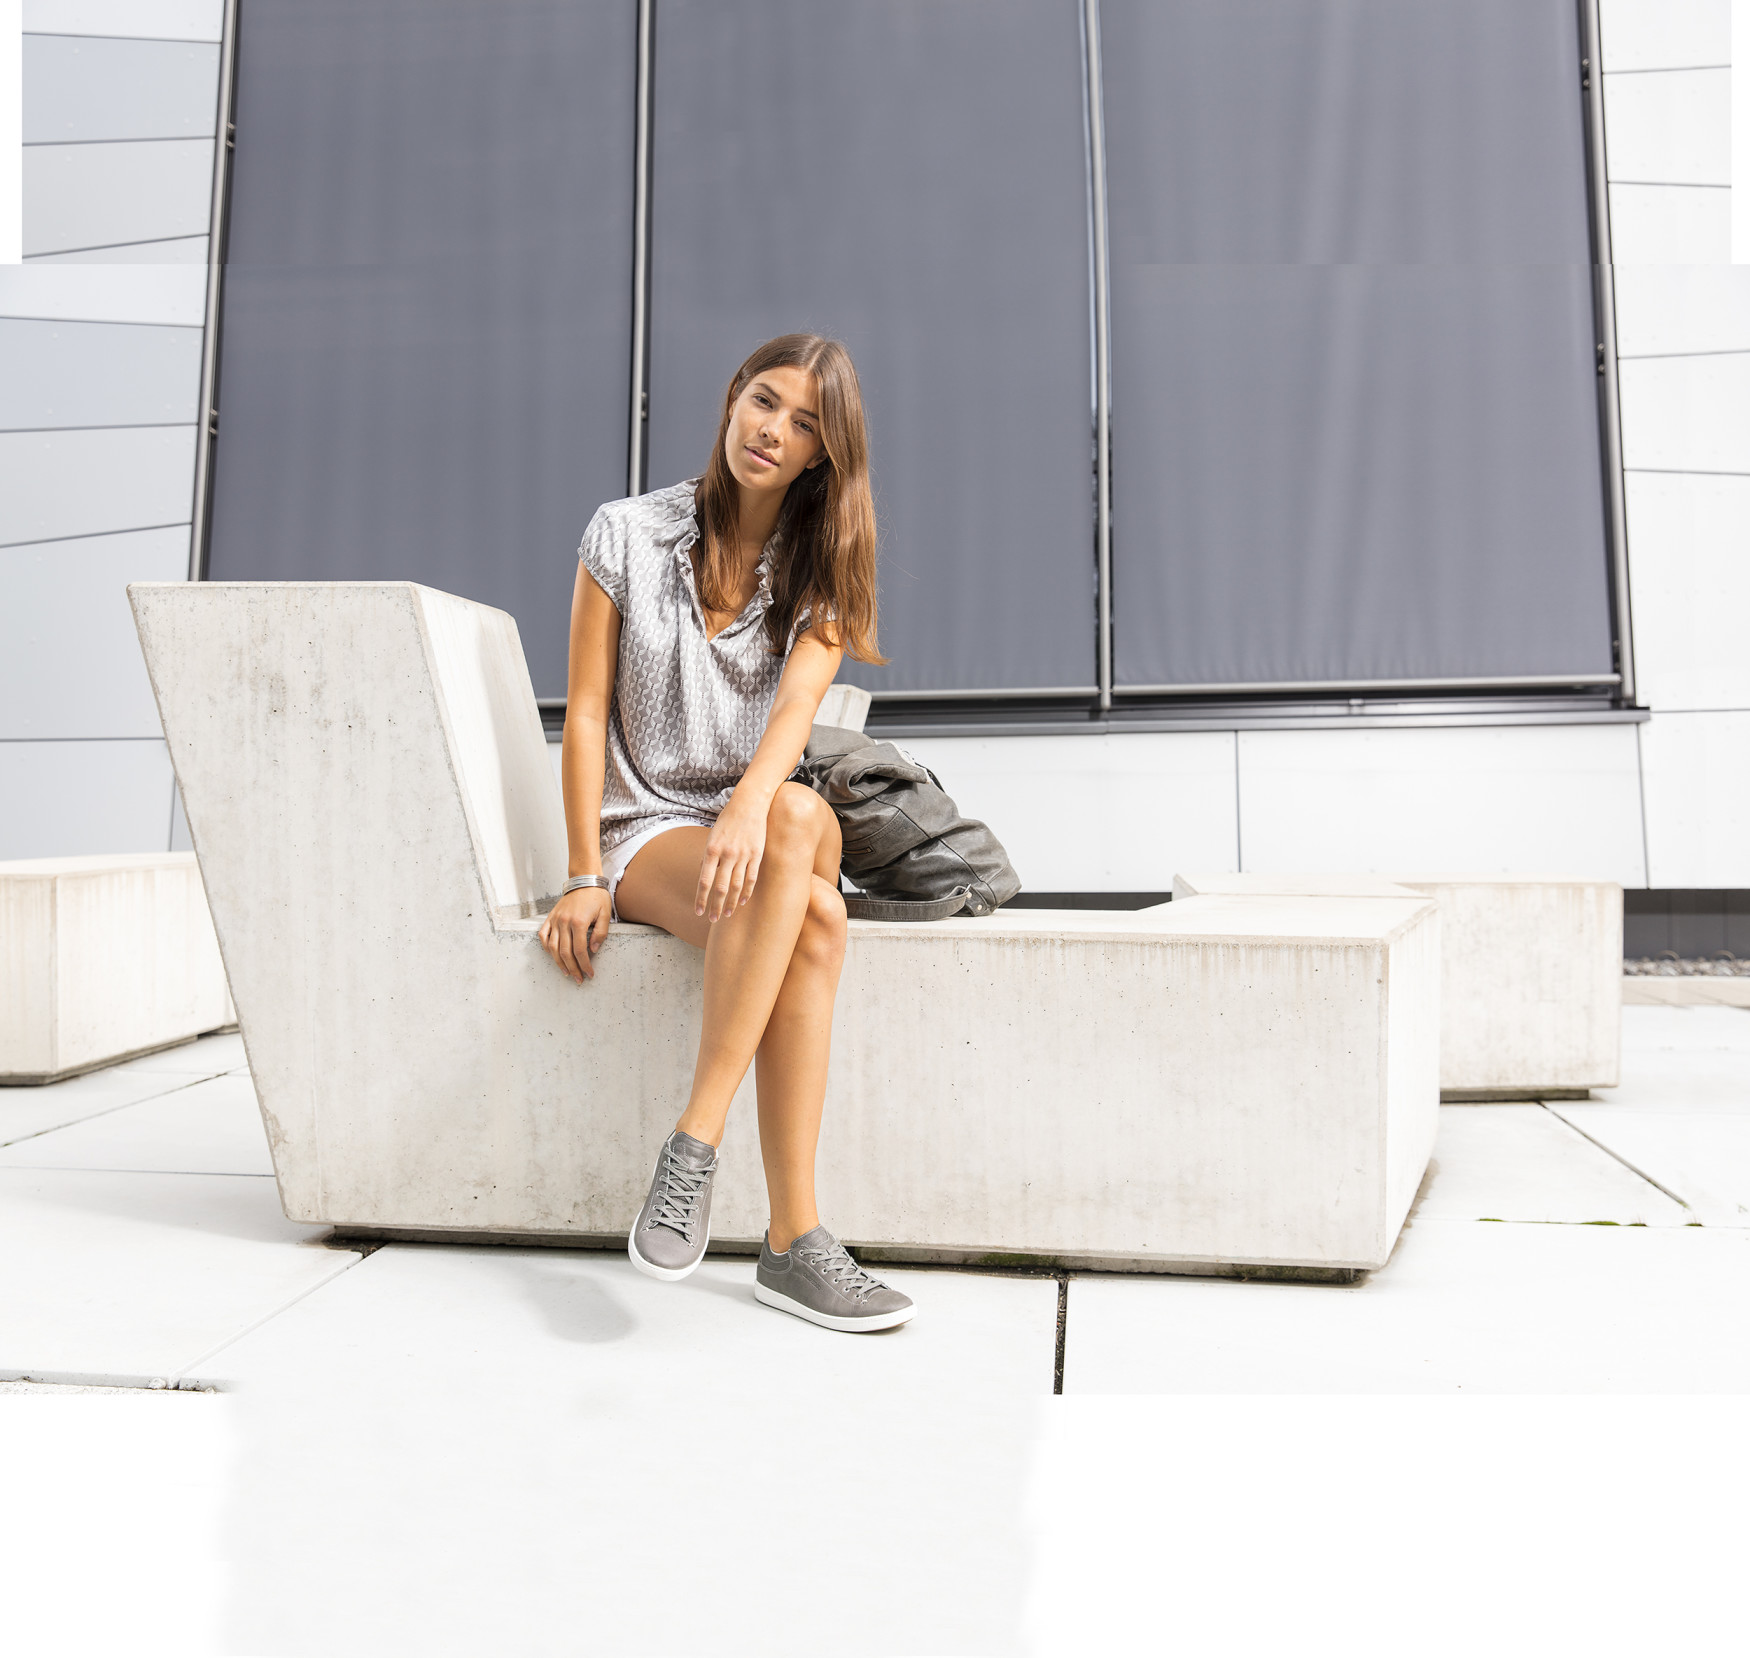 Sportlich und dezent und dabei trotzdem von bester Qualität – Frauen, die bei ihrem Freizeitschuhwerk keine Kompromisse eingehen möchten, greifen zum RIMINI LL Ws. Hier trifft eine klare und zeitlose Linienführung auf wertiges Glattleder in dezenten, erdigen Farben.  Kombinationsstark und mit einem soften Lederfutter ausgestattet, garantiert der Sneaker alle Eigenschaften, die es für den Alltag braucht. Mit einer integrierten LOWA-DynaPU®-Dämpfung bietet das Modell jede Menge Komfort für jeden Einsatz.